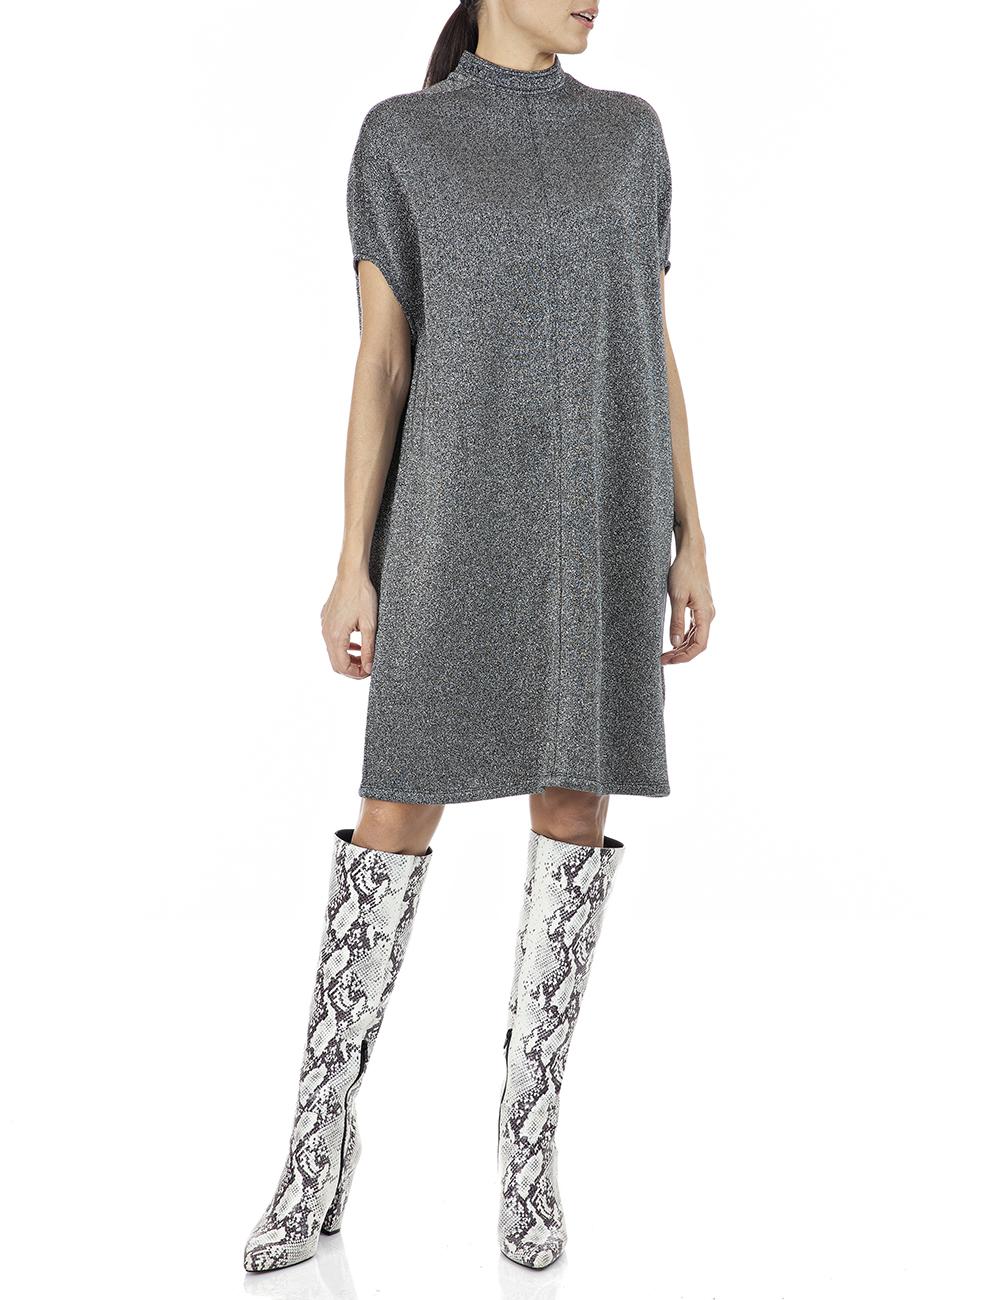 REPLAY | Silver Lurex lurex fleece Dress